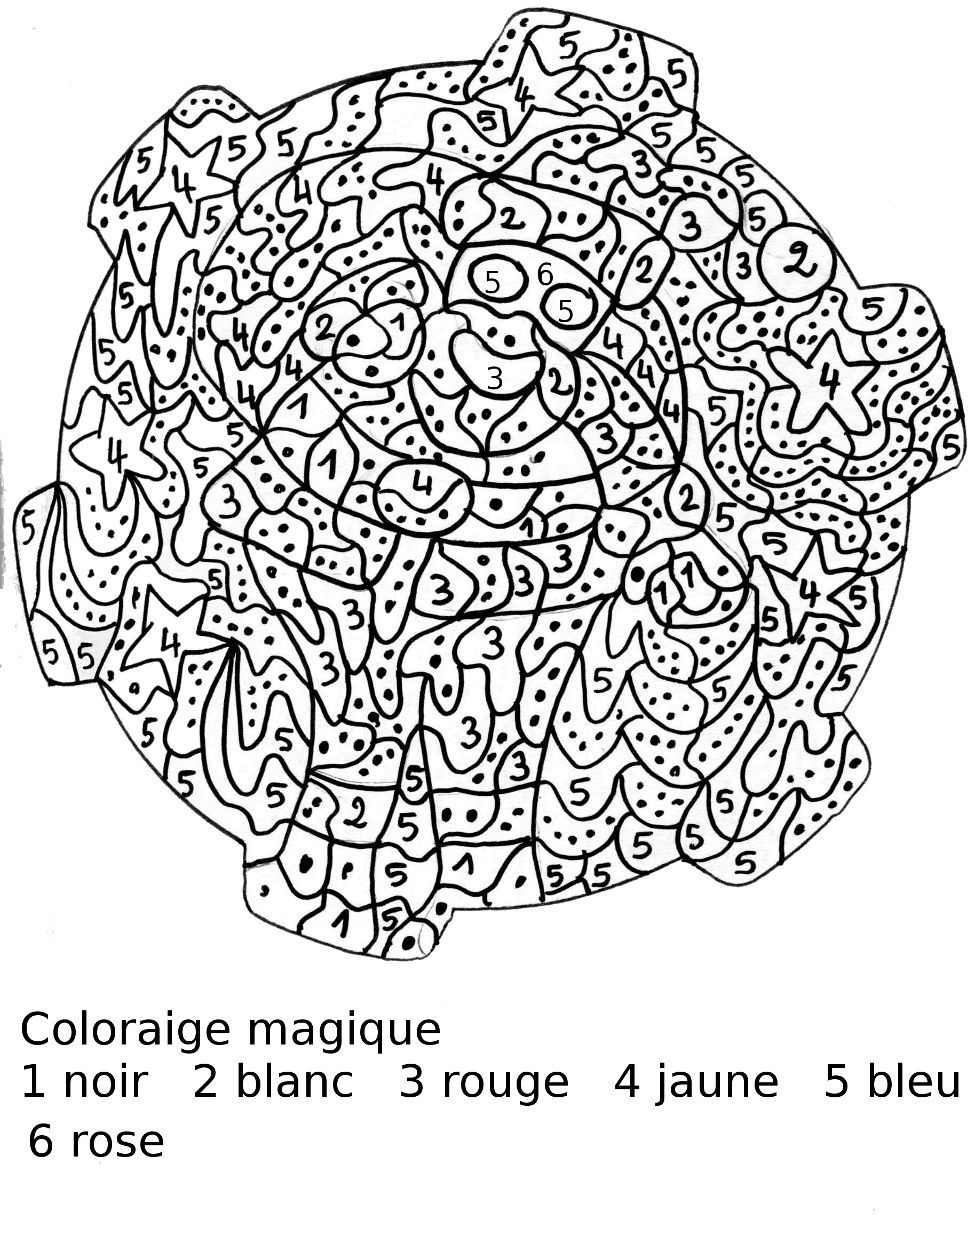 Coloriage Magique Multiplication N 2 Mandala Pour Pelautscom